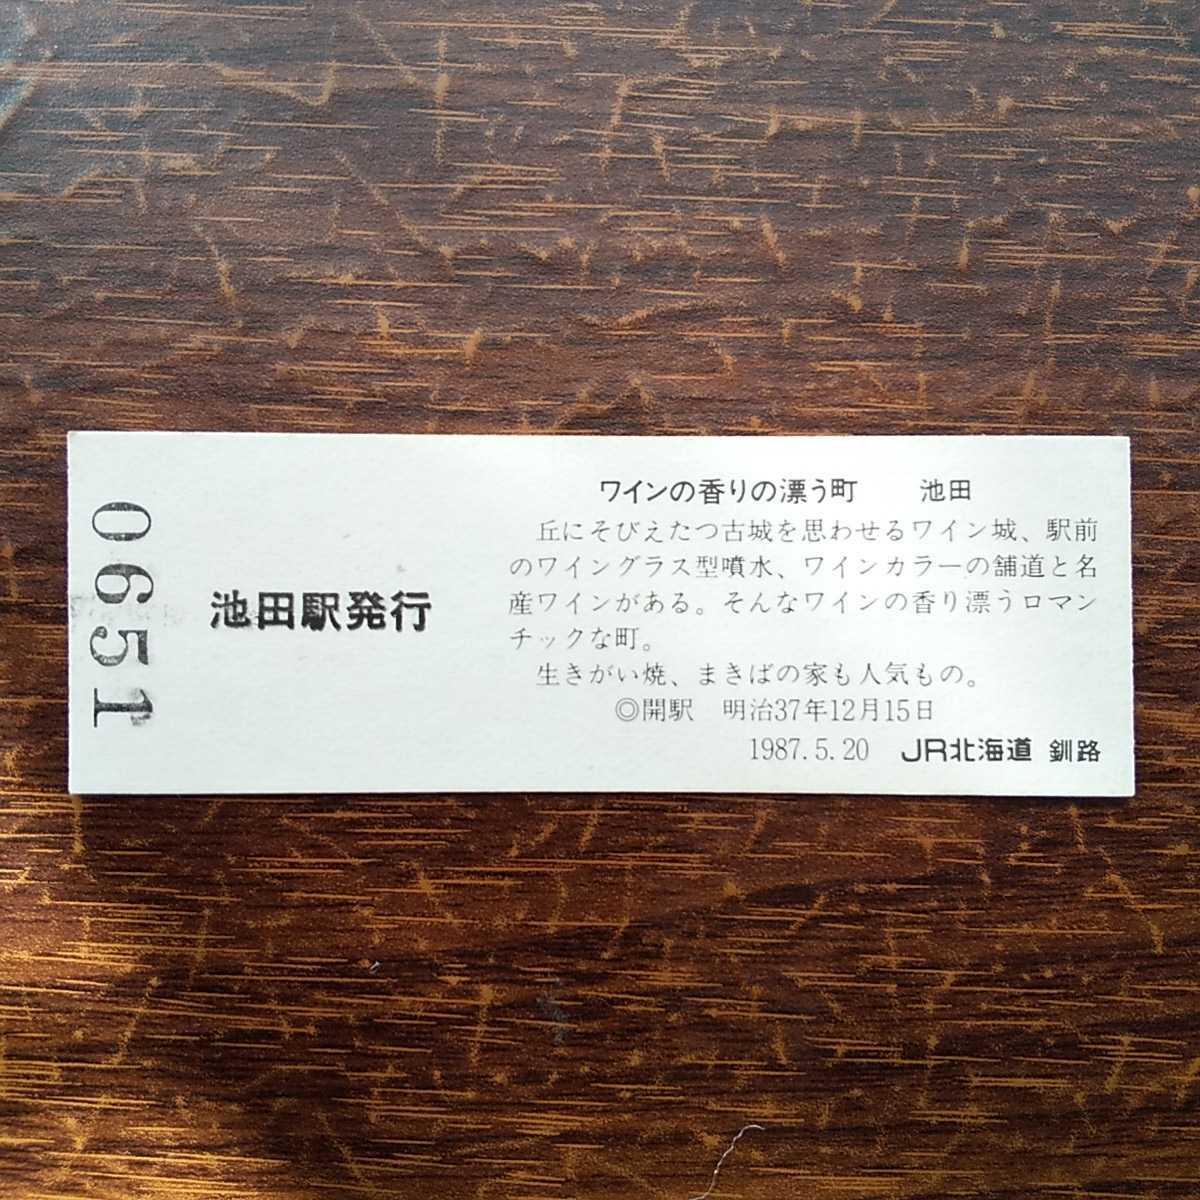 ◆非売品(見本)池田駅普通入場券 観光旅行記念 140円 JR北海道 アンティーク レトロ ヴィンテージ 昭和 _画像2